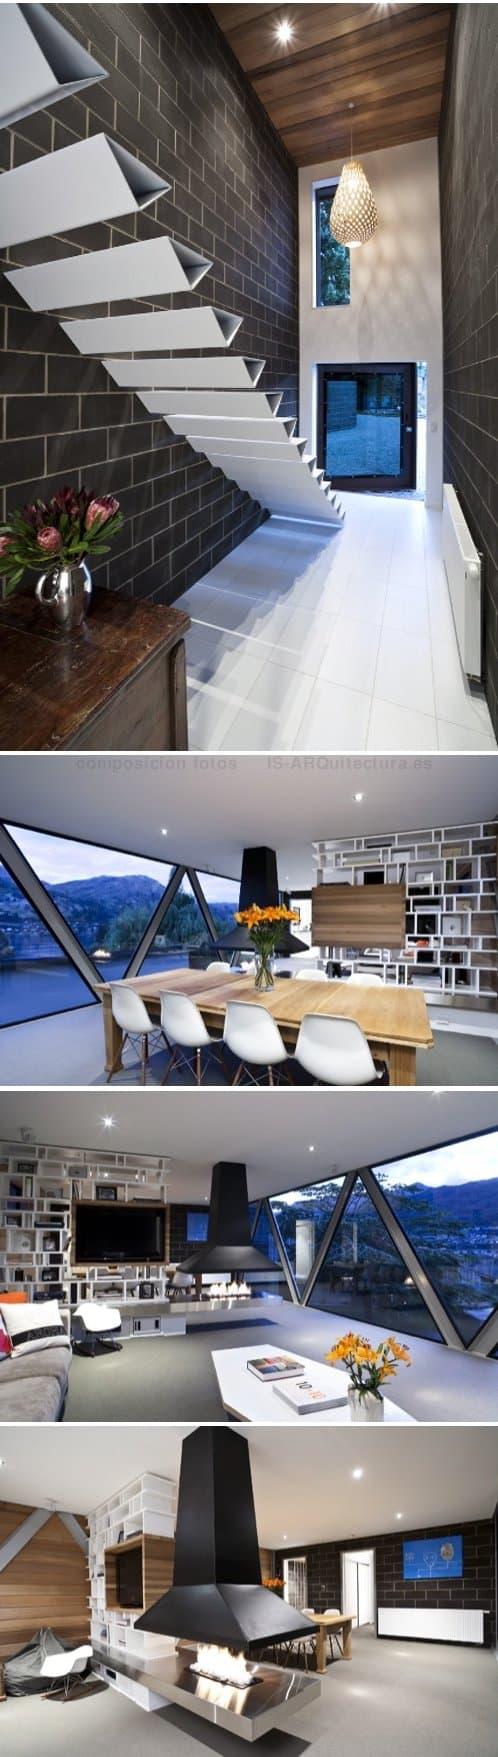 casa_shallard-con-estructura-puente